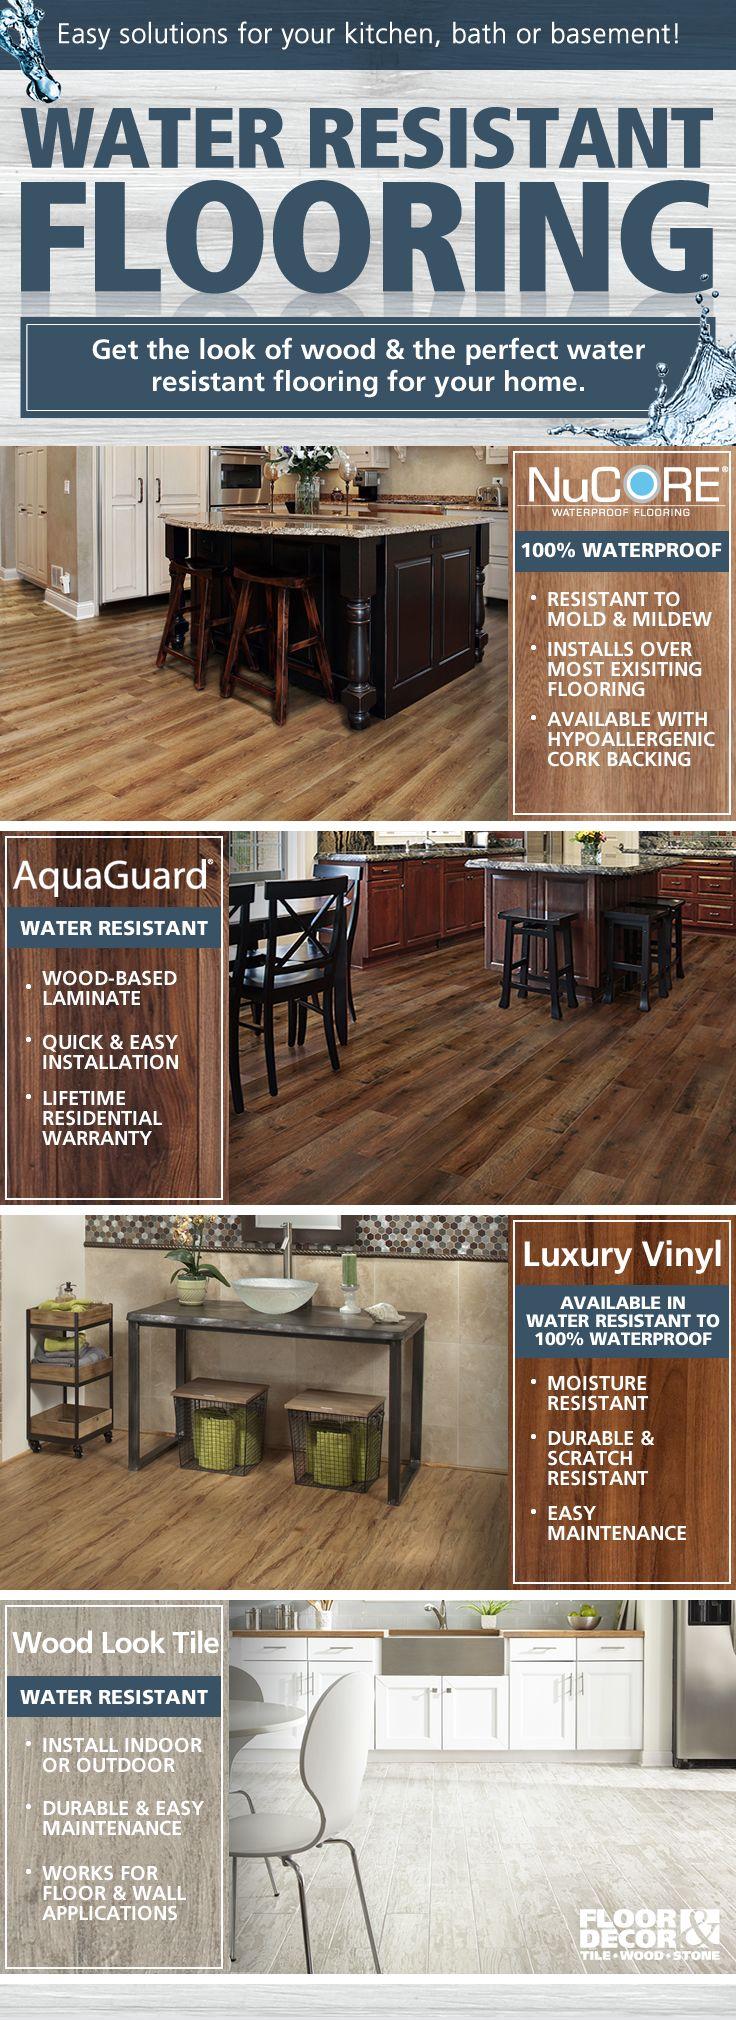 Water Resistant Laminate Flooring Kitchen 11 Best Images About Water Resistant Flooring On Pinterest